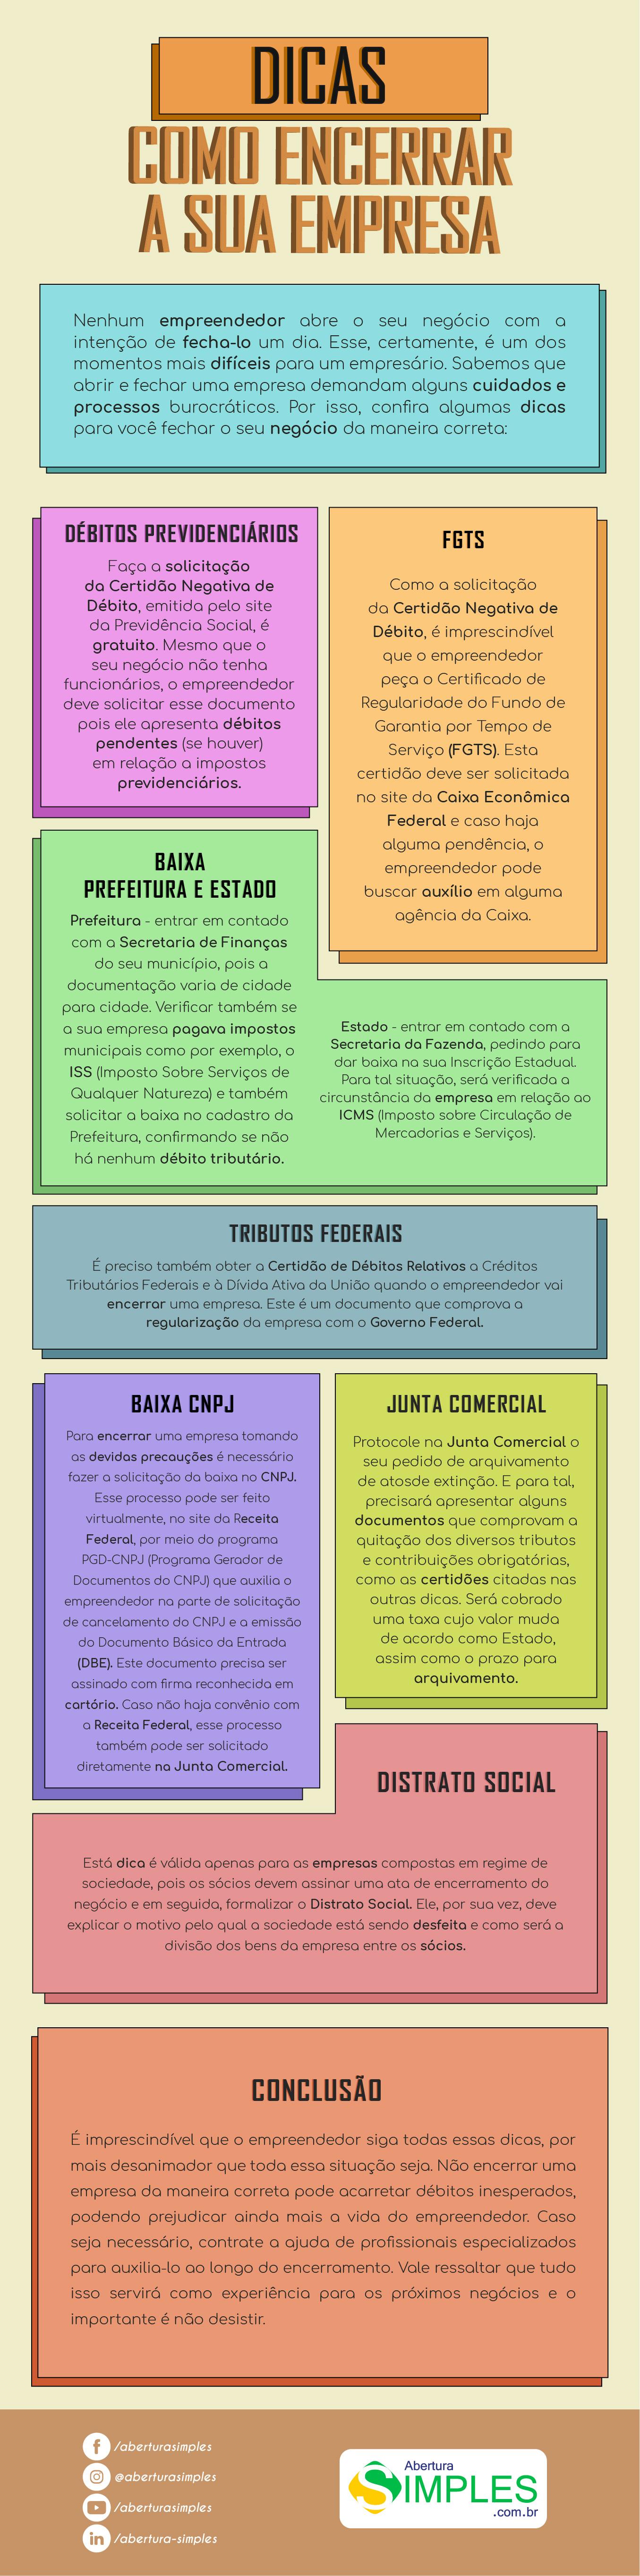 Imagem de um infográfico que mostra todos os processos para fechar uma empresa?